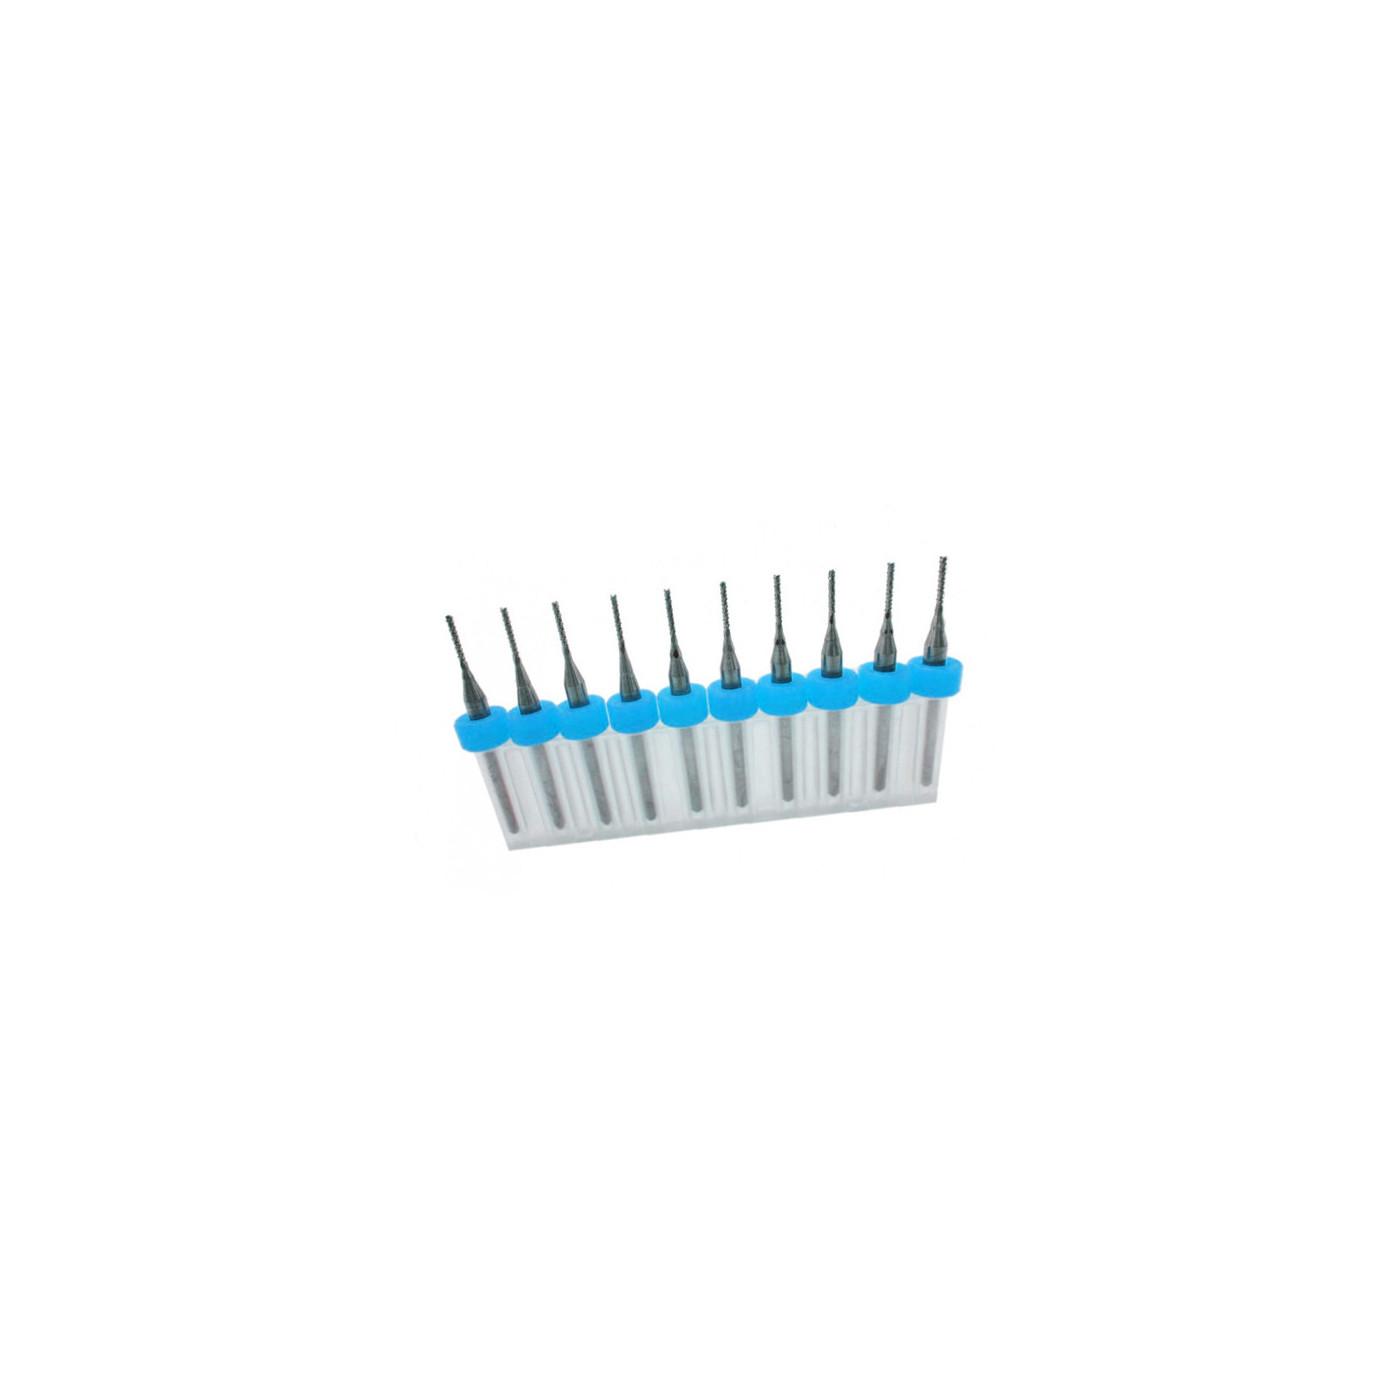 Combi set von 10 Mikrofräser (1.00-3.00 mm)  - 1